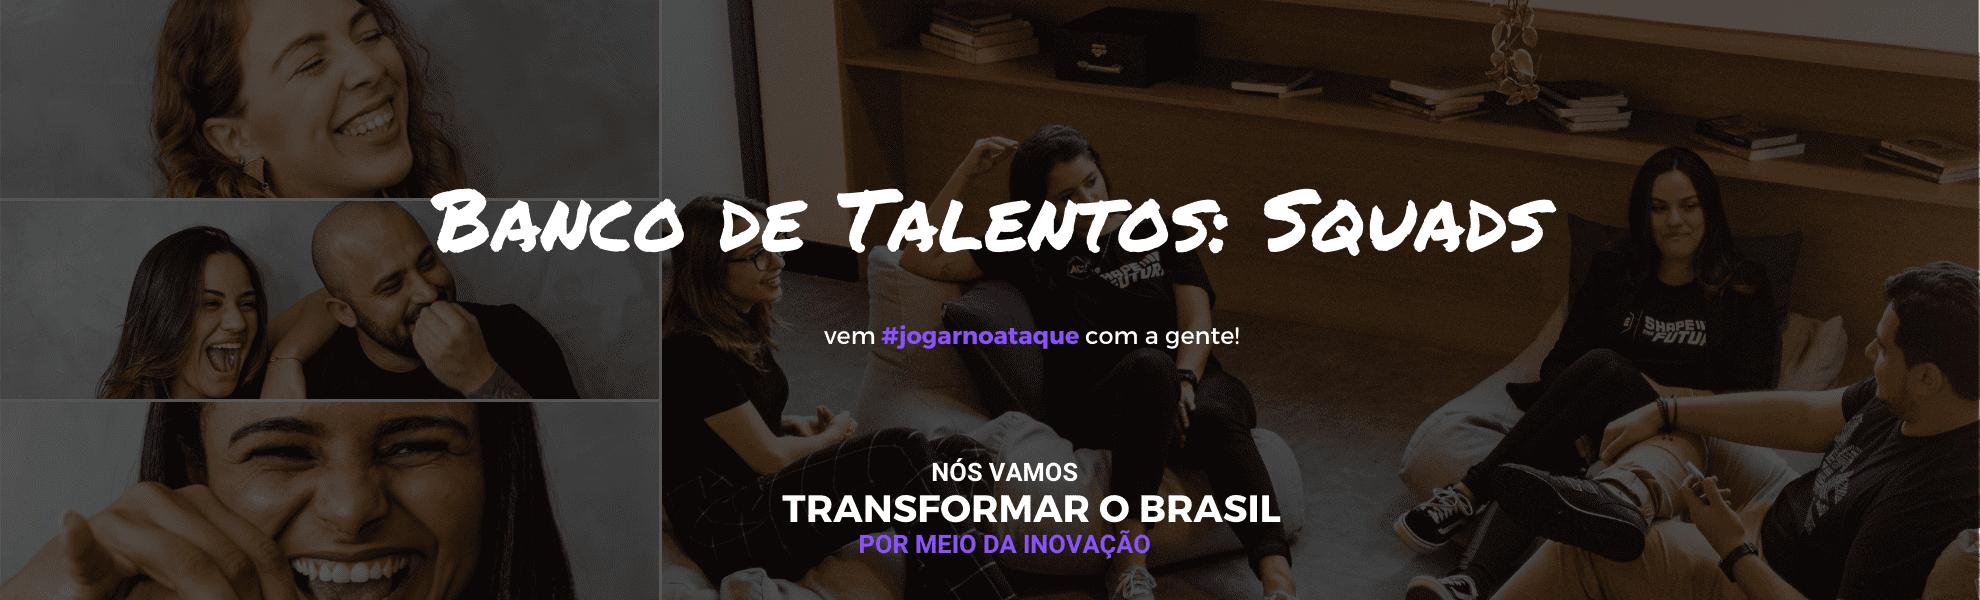 Banco de Talentos: Vagas Squads